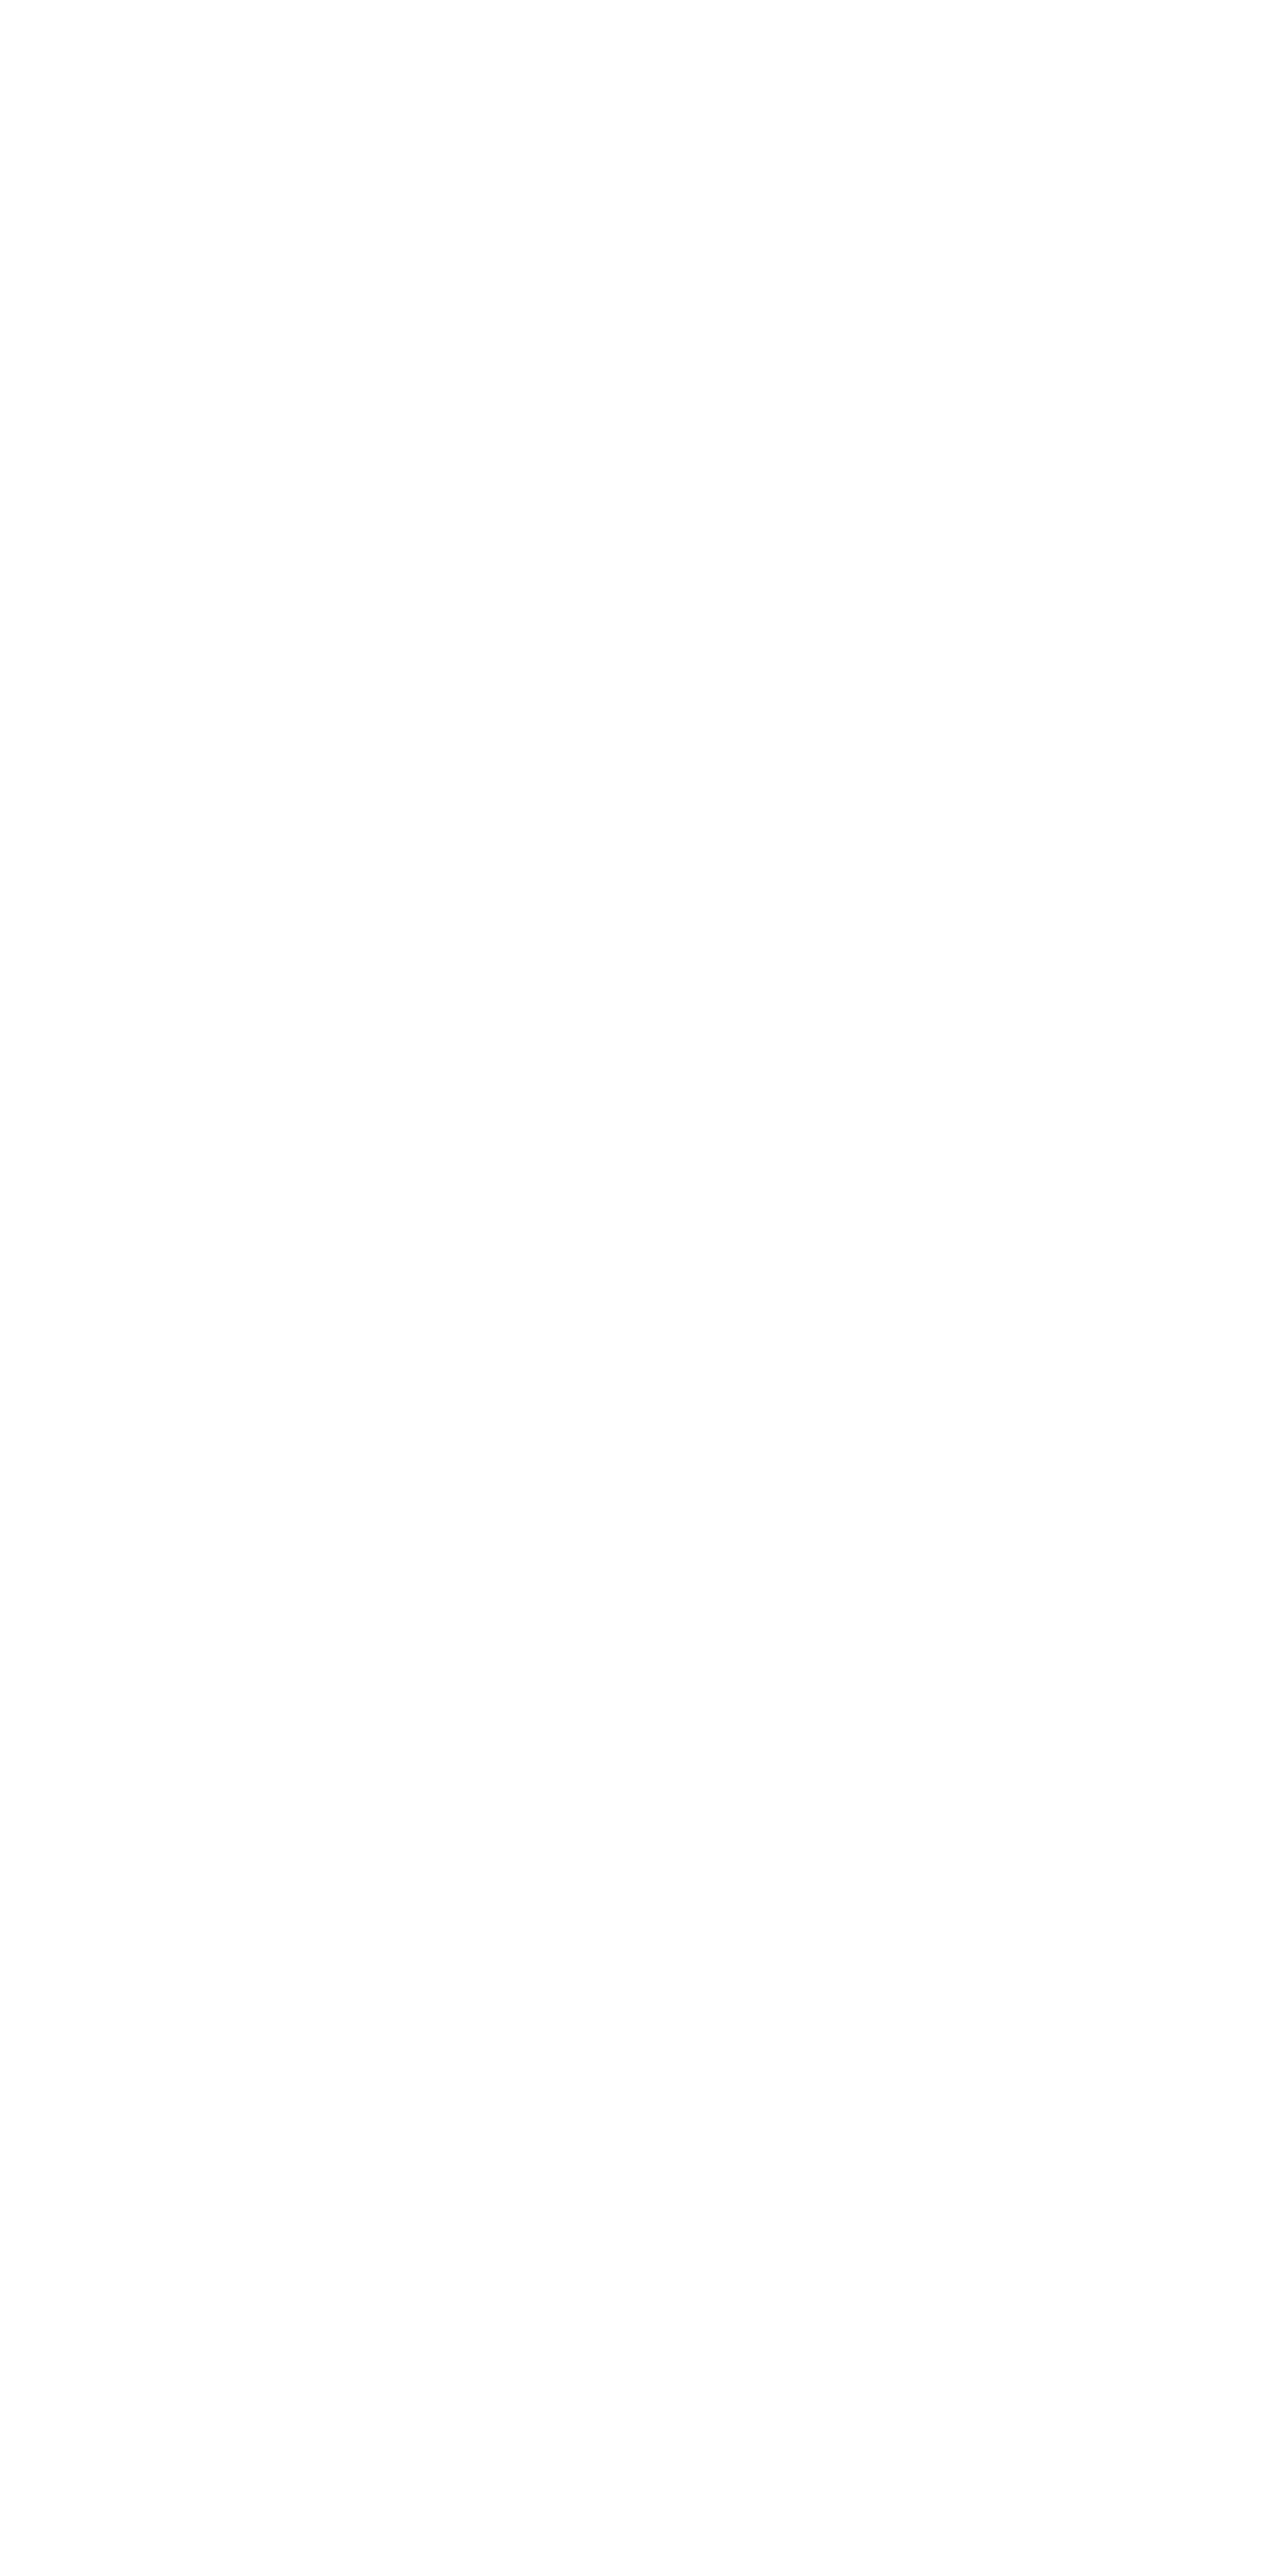 tavola-arq